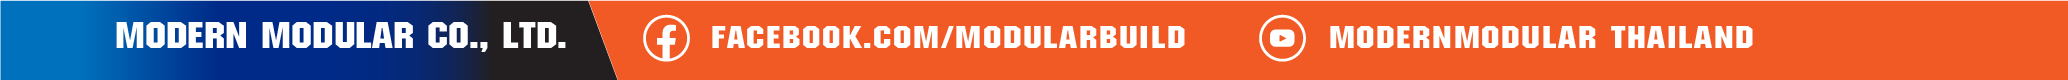 MODERN MODULAR CO.,LTD.